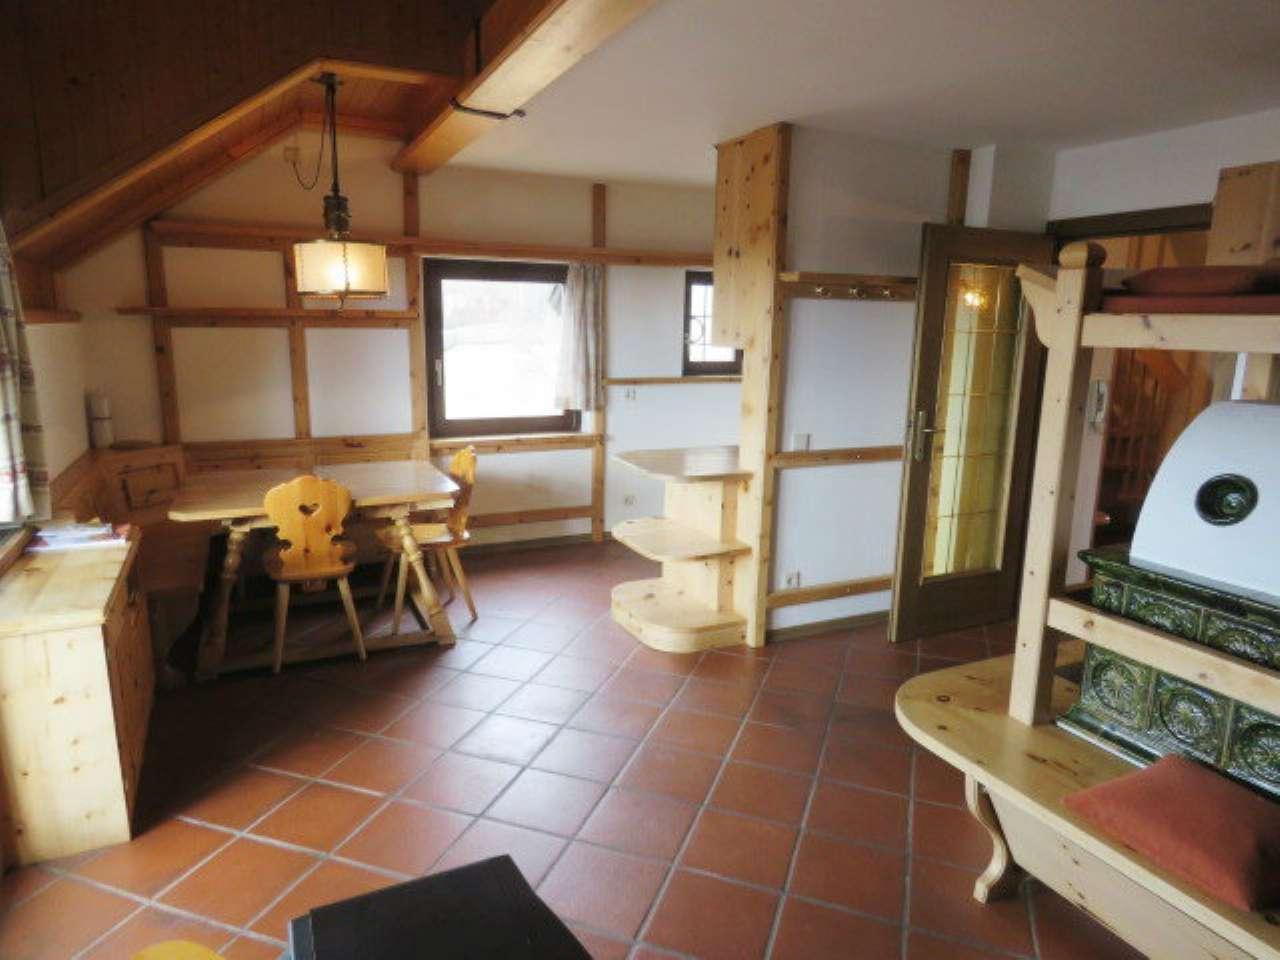 Attico / Mansarda in vendita a Renon, 4 locali, prezzo € 360.000 | Cambio Casa.it